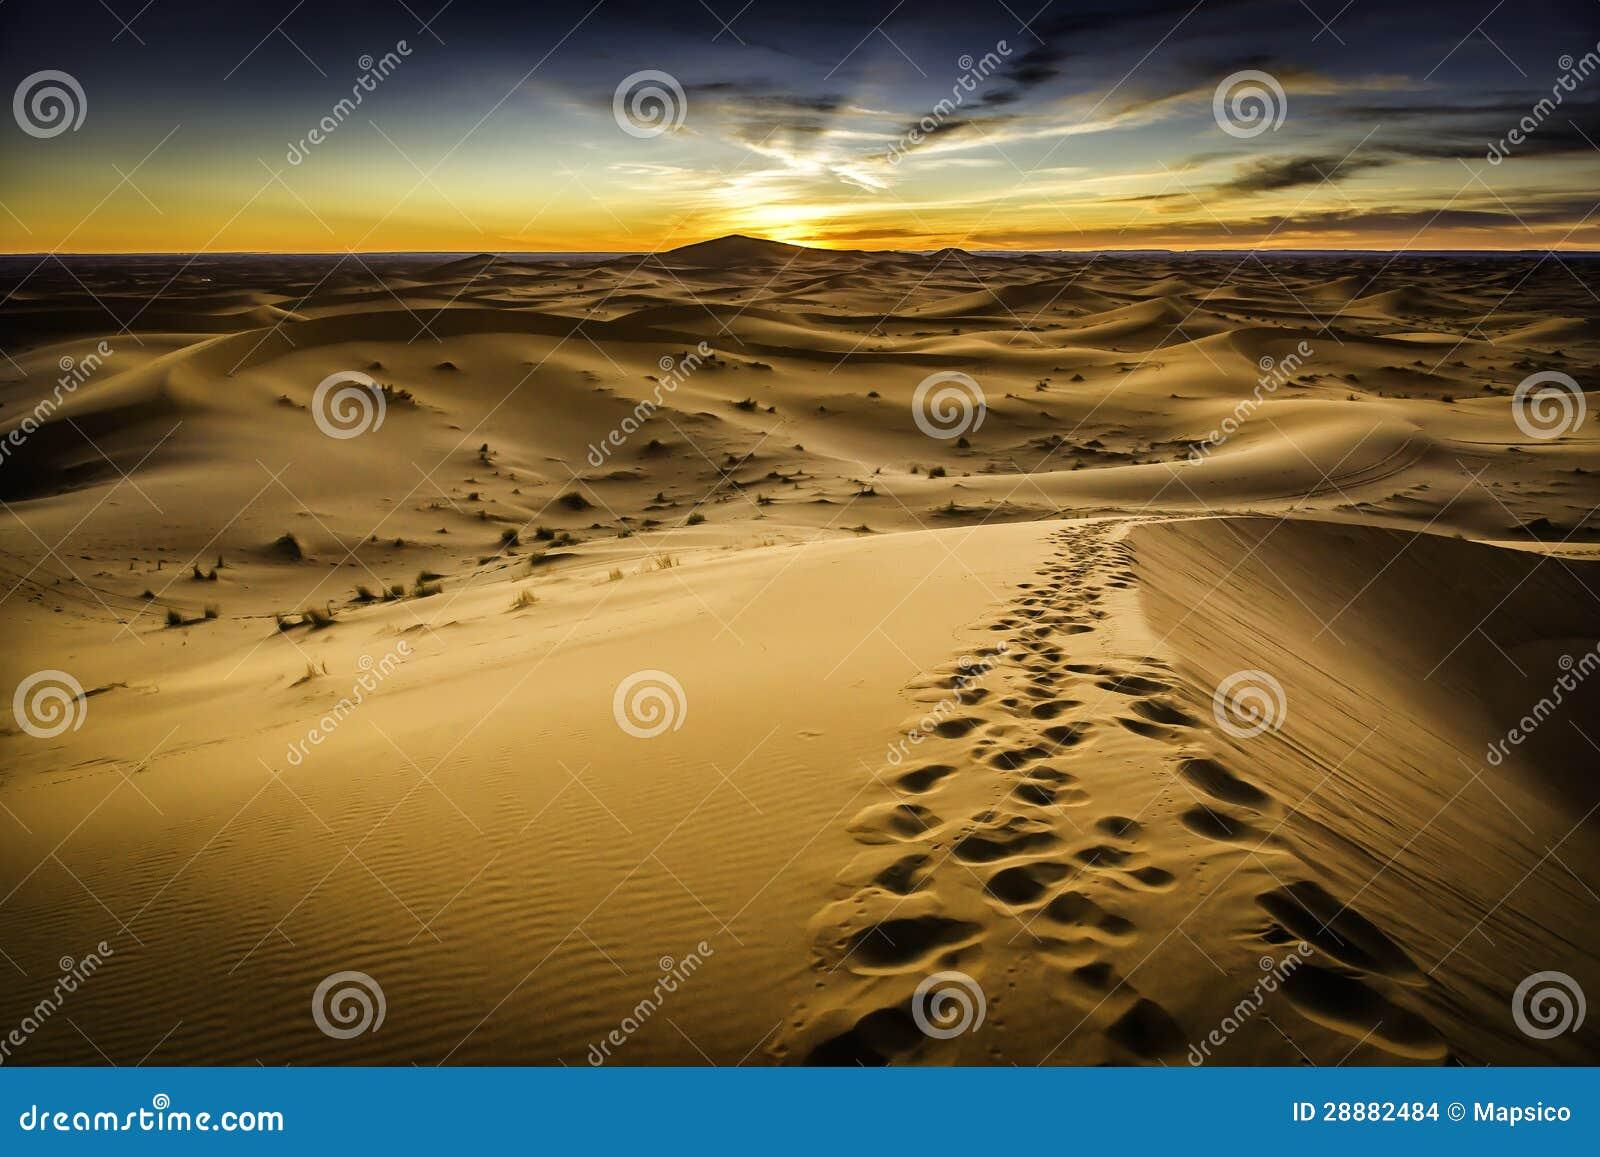 Deserto del Marocco